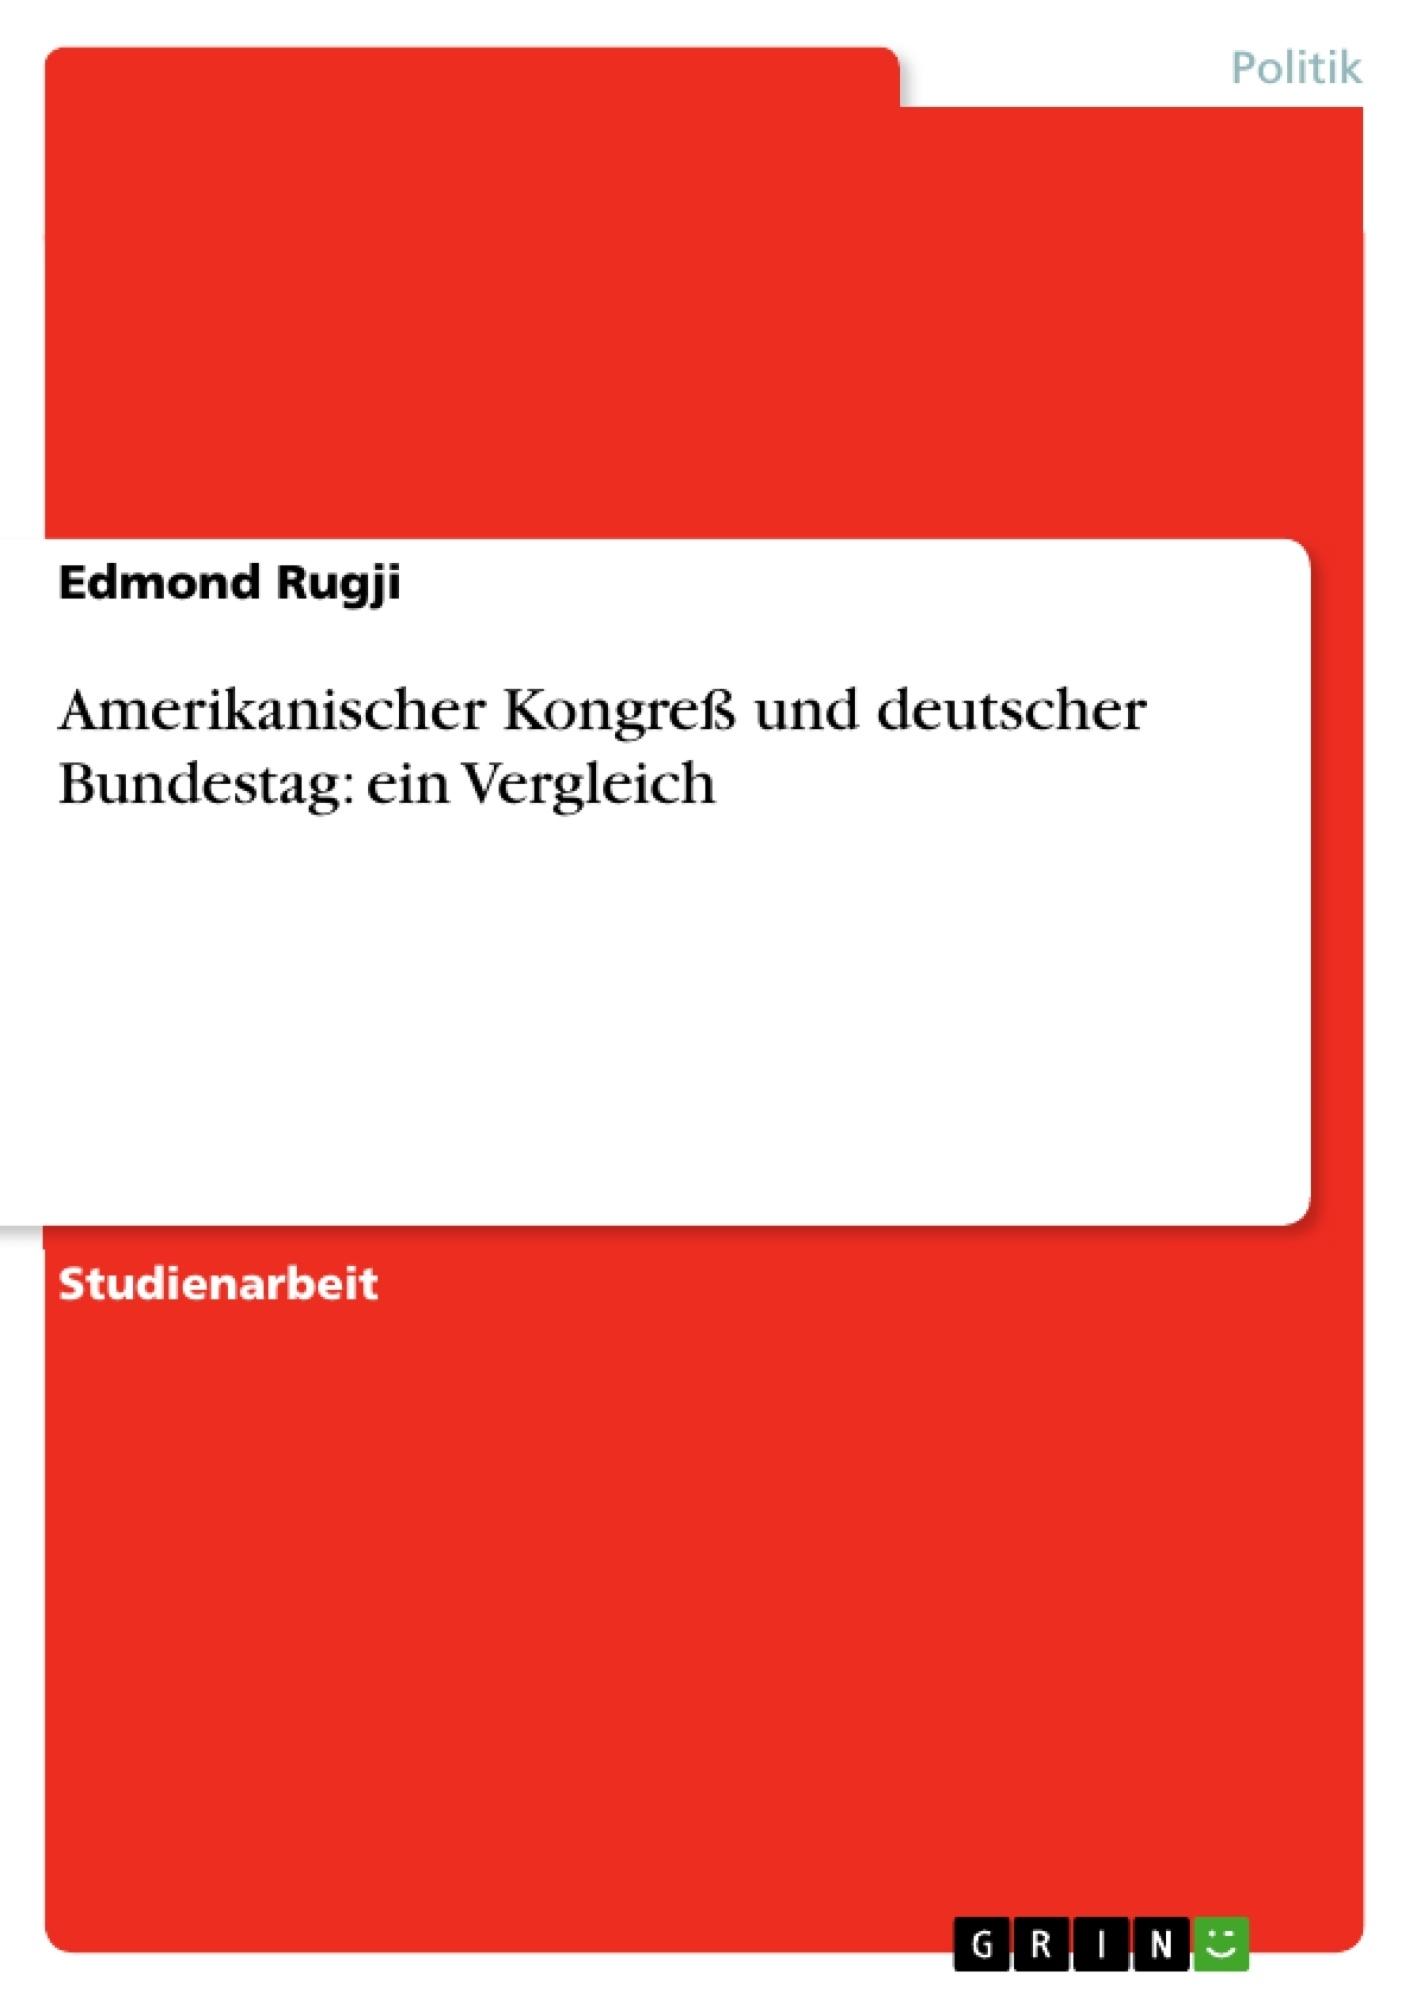 Titel: Amerikanischer Kongreß und deutscher Bundestag: ein Vergleich